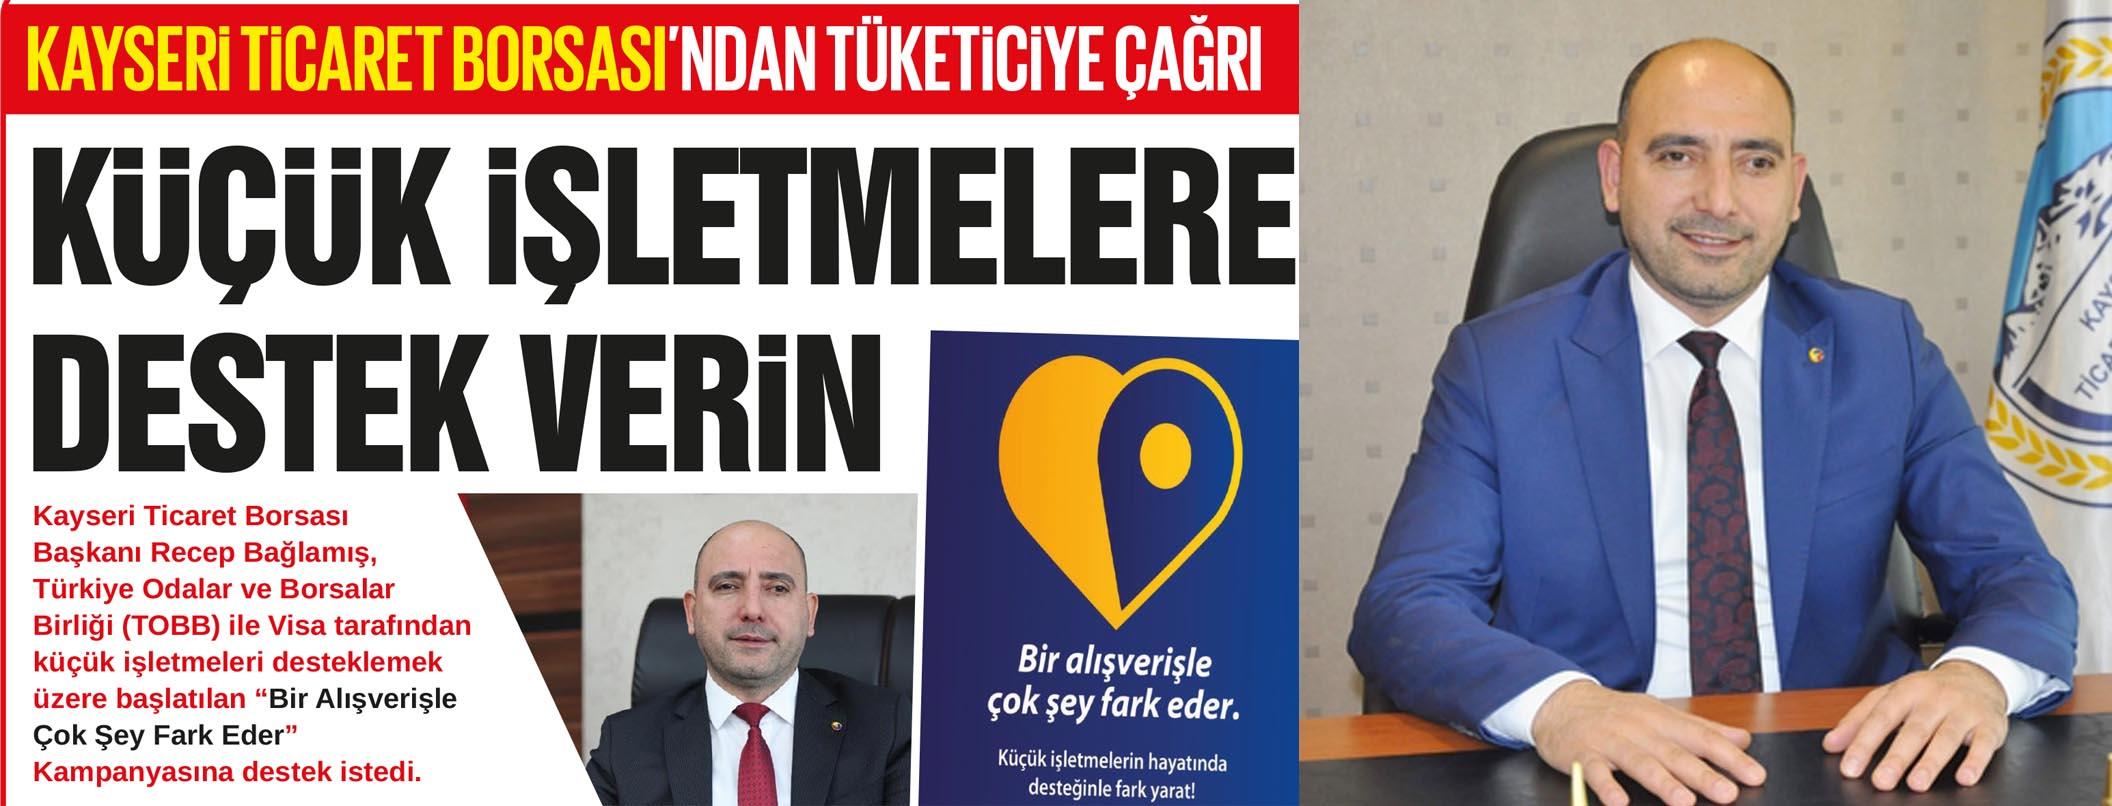 KAYSERİ TİCARET BORSASI'NDAN TÜKETİCİYE ÇAĞRI